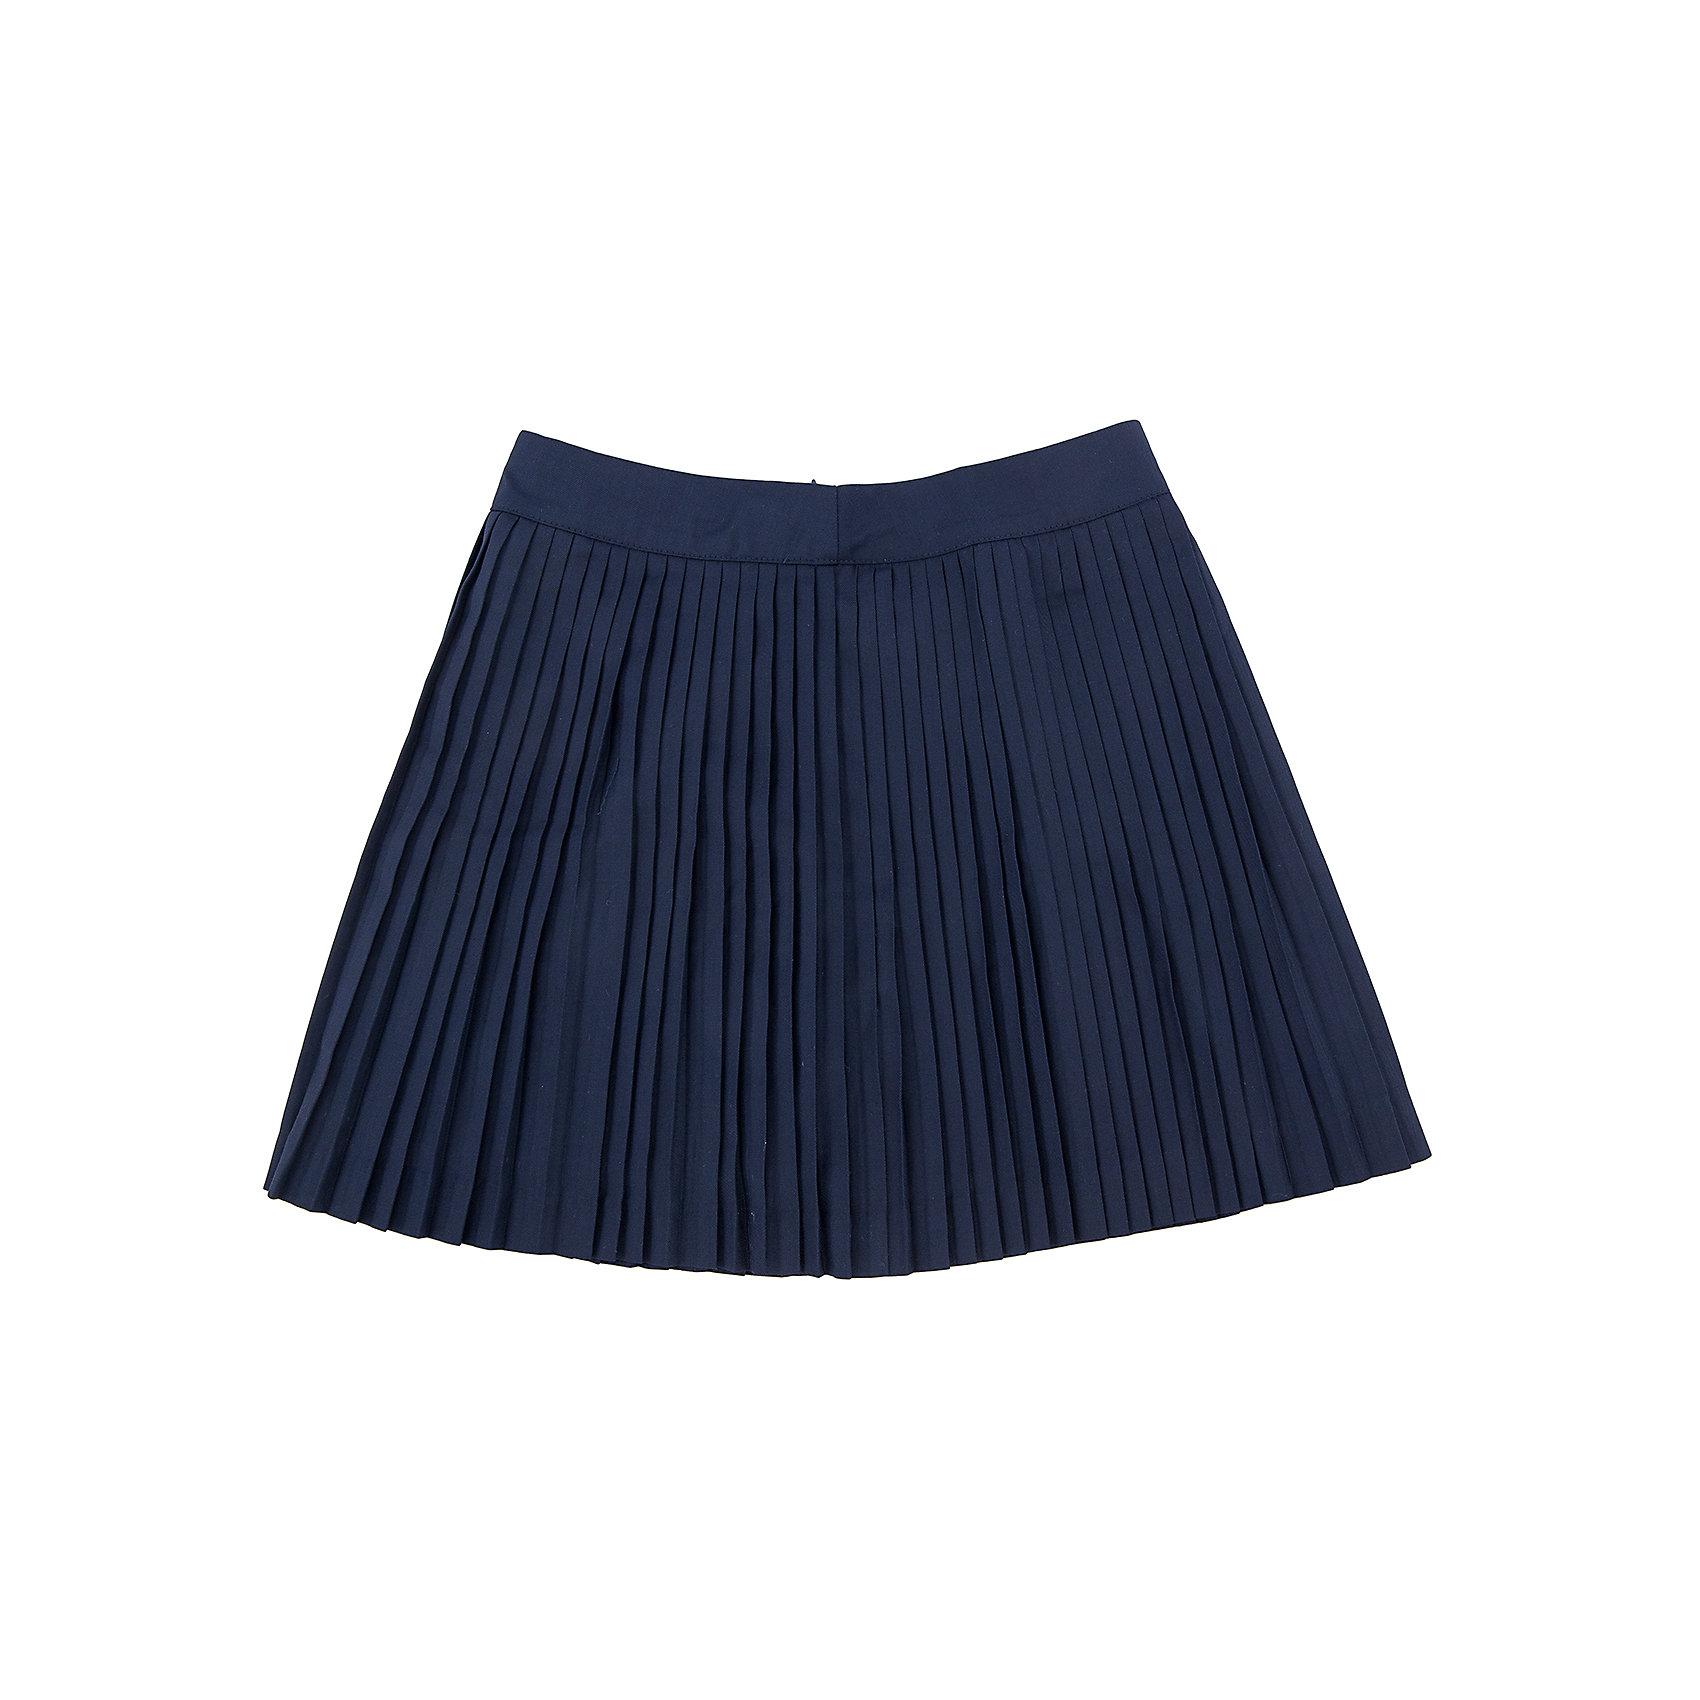 Юбка для девочки SELAЮбка для девочки из коллекции осень-зима 2016-2017 от известного бренда SELA. Удобная юбка на каждый день идеальна для нового школьного сезона. Классическая школьная плиссированная юбка длинной ниже колена приятного темно-синего цвета понравится как любительницам нового стиля, так и любительницам классики. В этой юбкой будут хорошо смотреться как блузки, так и свитеры или пиджаки.<br><br>Дополнительная информация:<br>- Длина: выше колен<br>- Силуэт: трапеция<br>Состав: 50% хлопок, 50% ПЭ; подкладка - 100% ПЭ<br><br>Юбку для девочек Sela можно купить в нашем интернет-магазине.<br><br>Подробнее:<br>• Для детей в возрасте: от 6 до 12 лет<br>• Номер товара: 4913330<br>Страна производитель: Китай<br><br>Ширина мм: 207<br>Глубина мм: 10<br>Высота мм: 189<br>Вес г: 183<br>Цвет: синий<br>Возраст от месяцев: 60<br>Возраст до месяцев: 72<br>Пол: Женский<br>Возраст: Детский<br>Размер: 116,128,146,140,152,122,134<br>SKU: 4913329